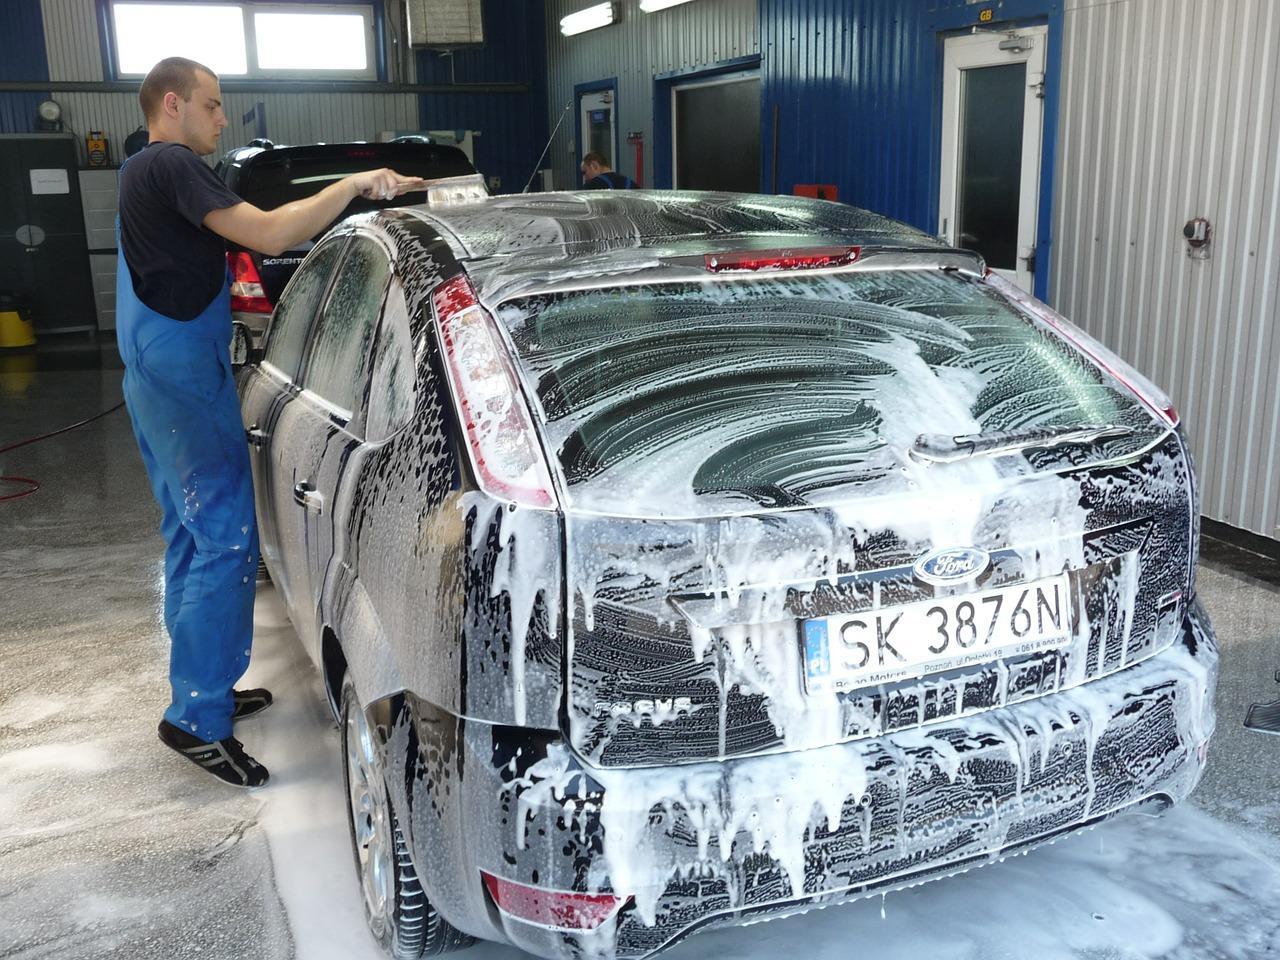 Man Brushing Car